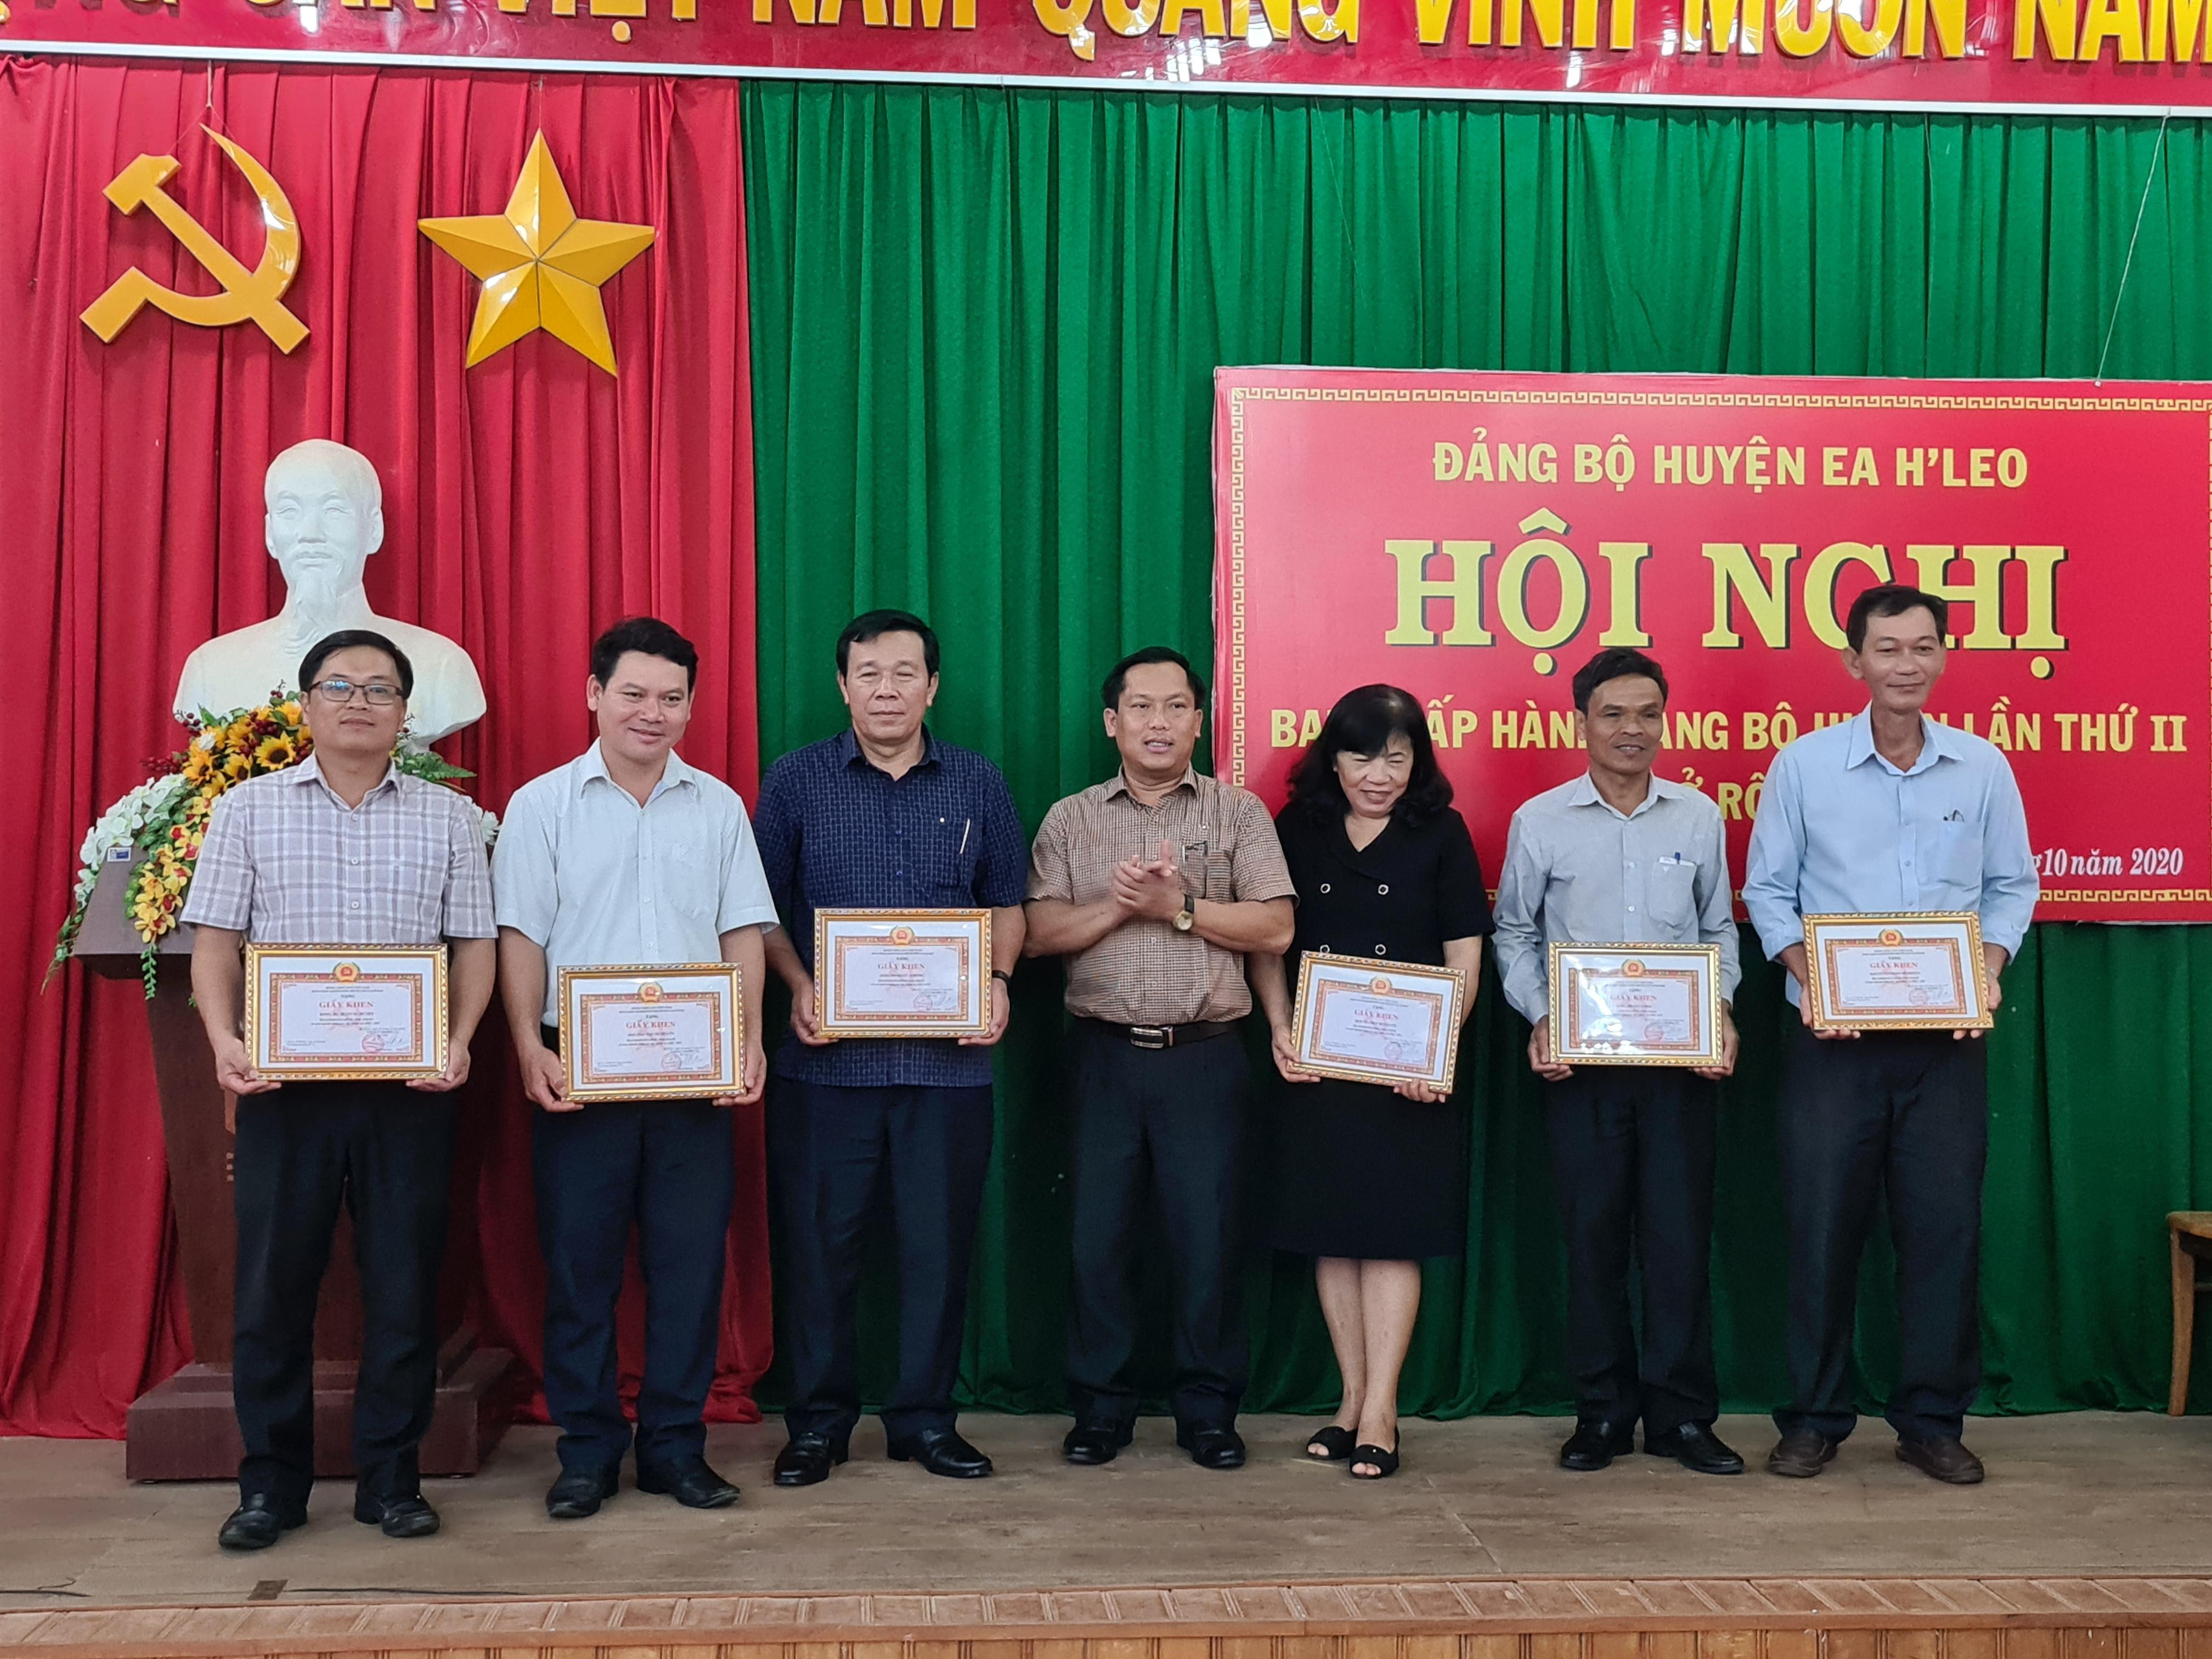 Huyện ủy Ea H'Leo sơ kết công tác 9 tháng đầu năm 2020